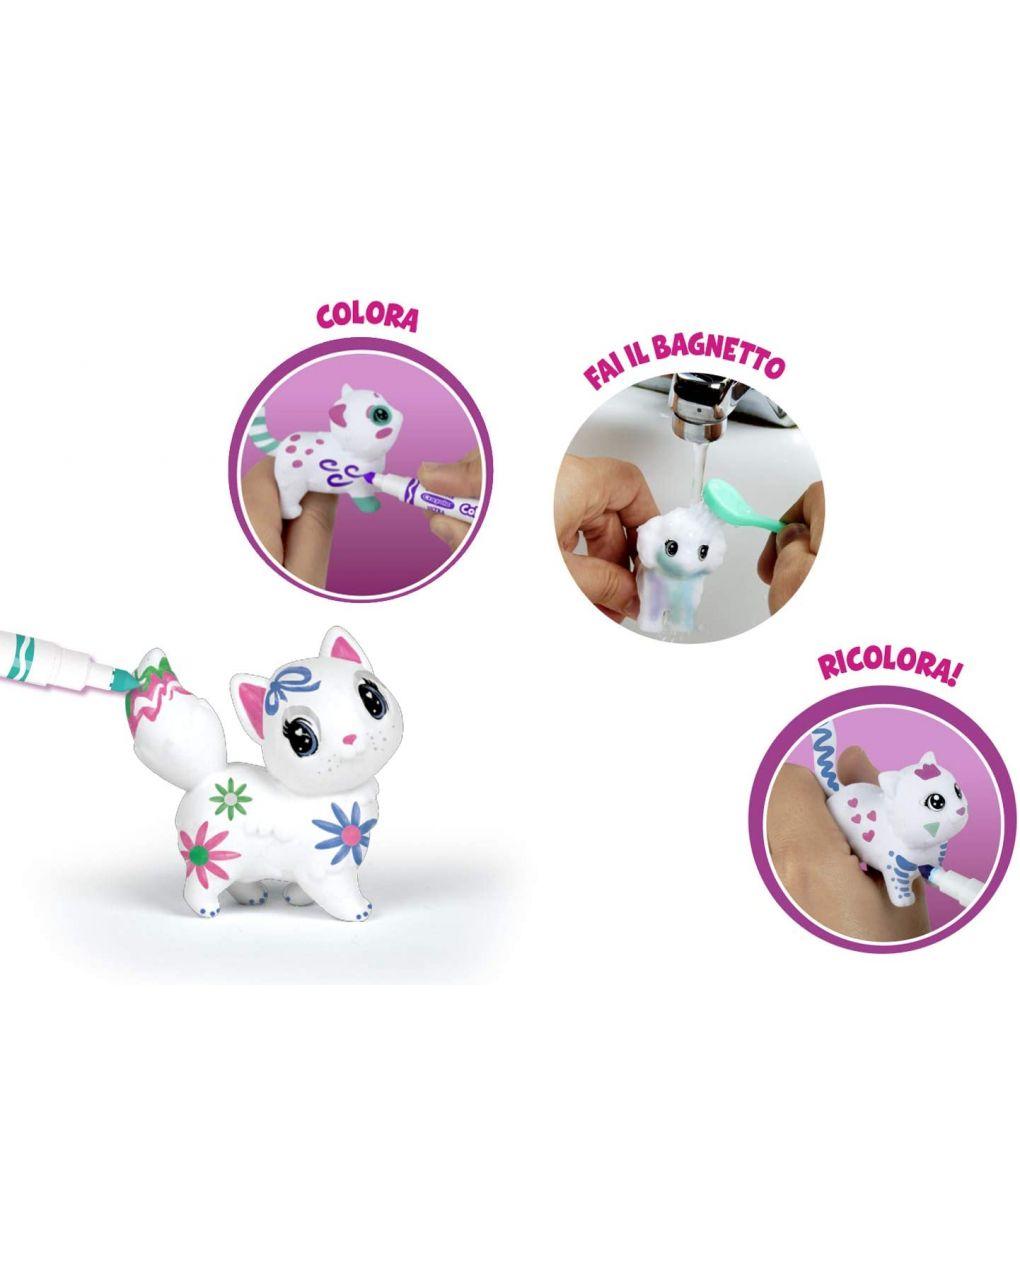 Crayola - casa de cachorro washimals - Crayola